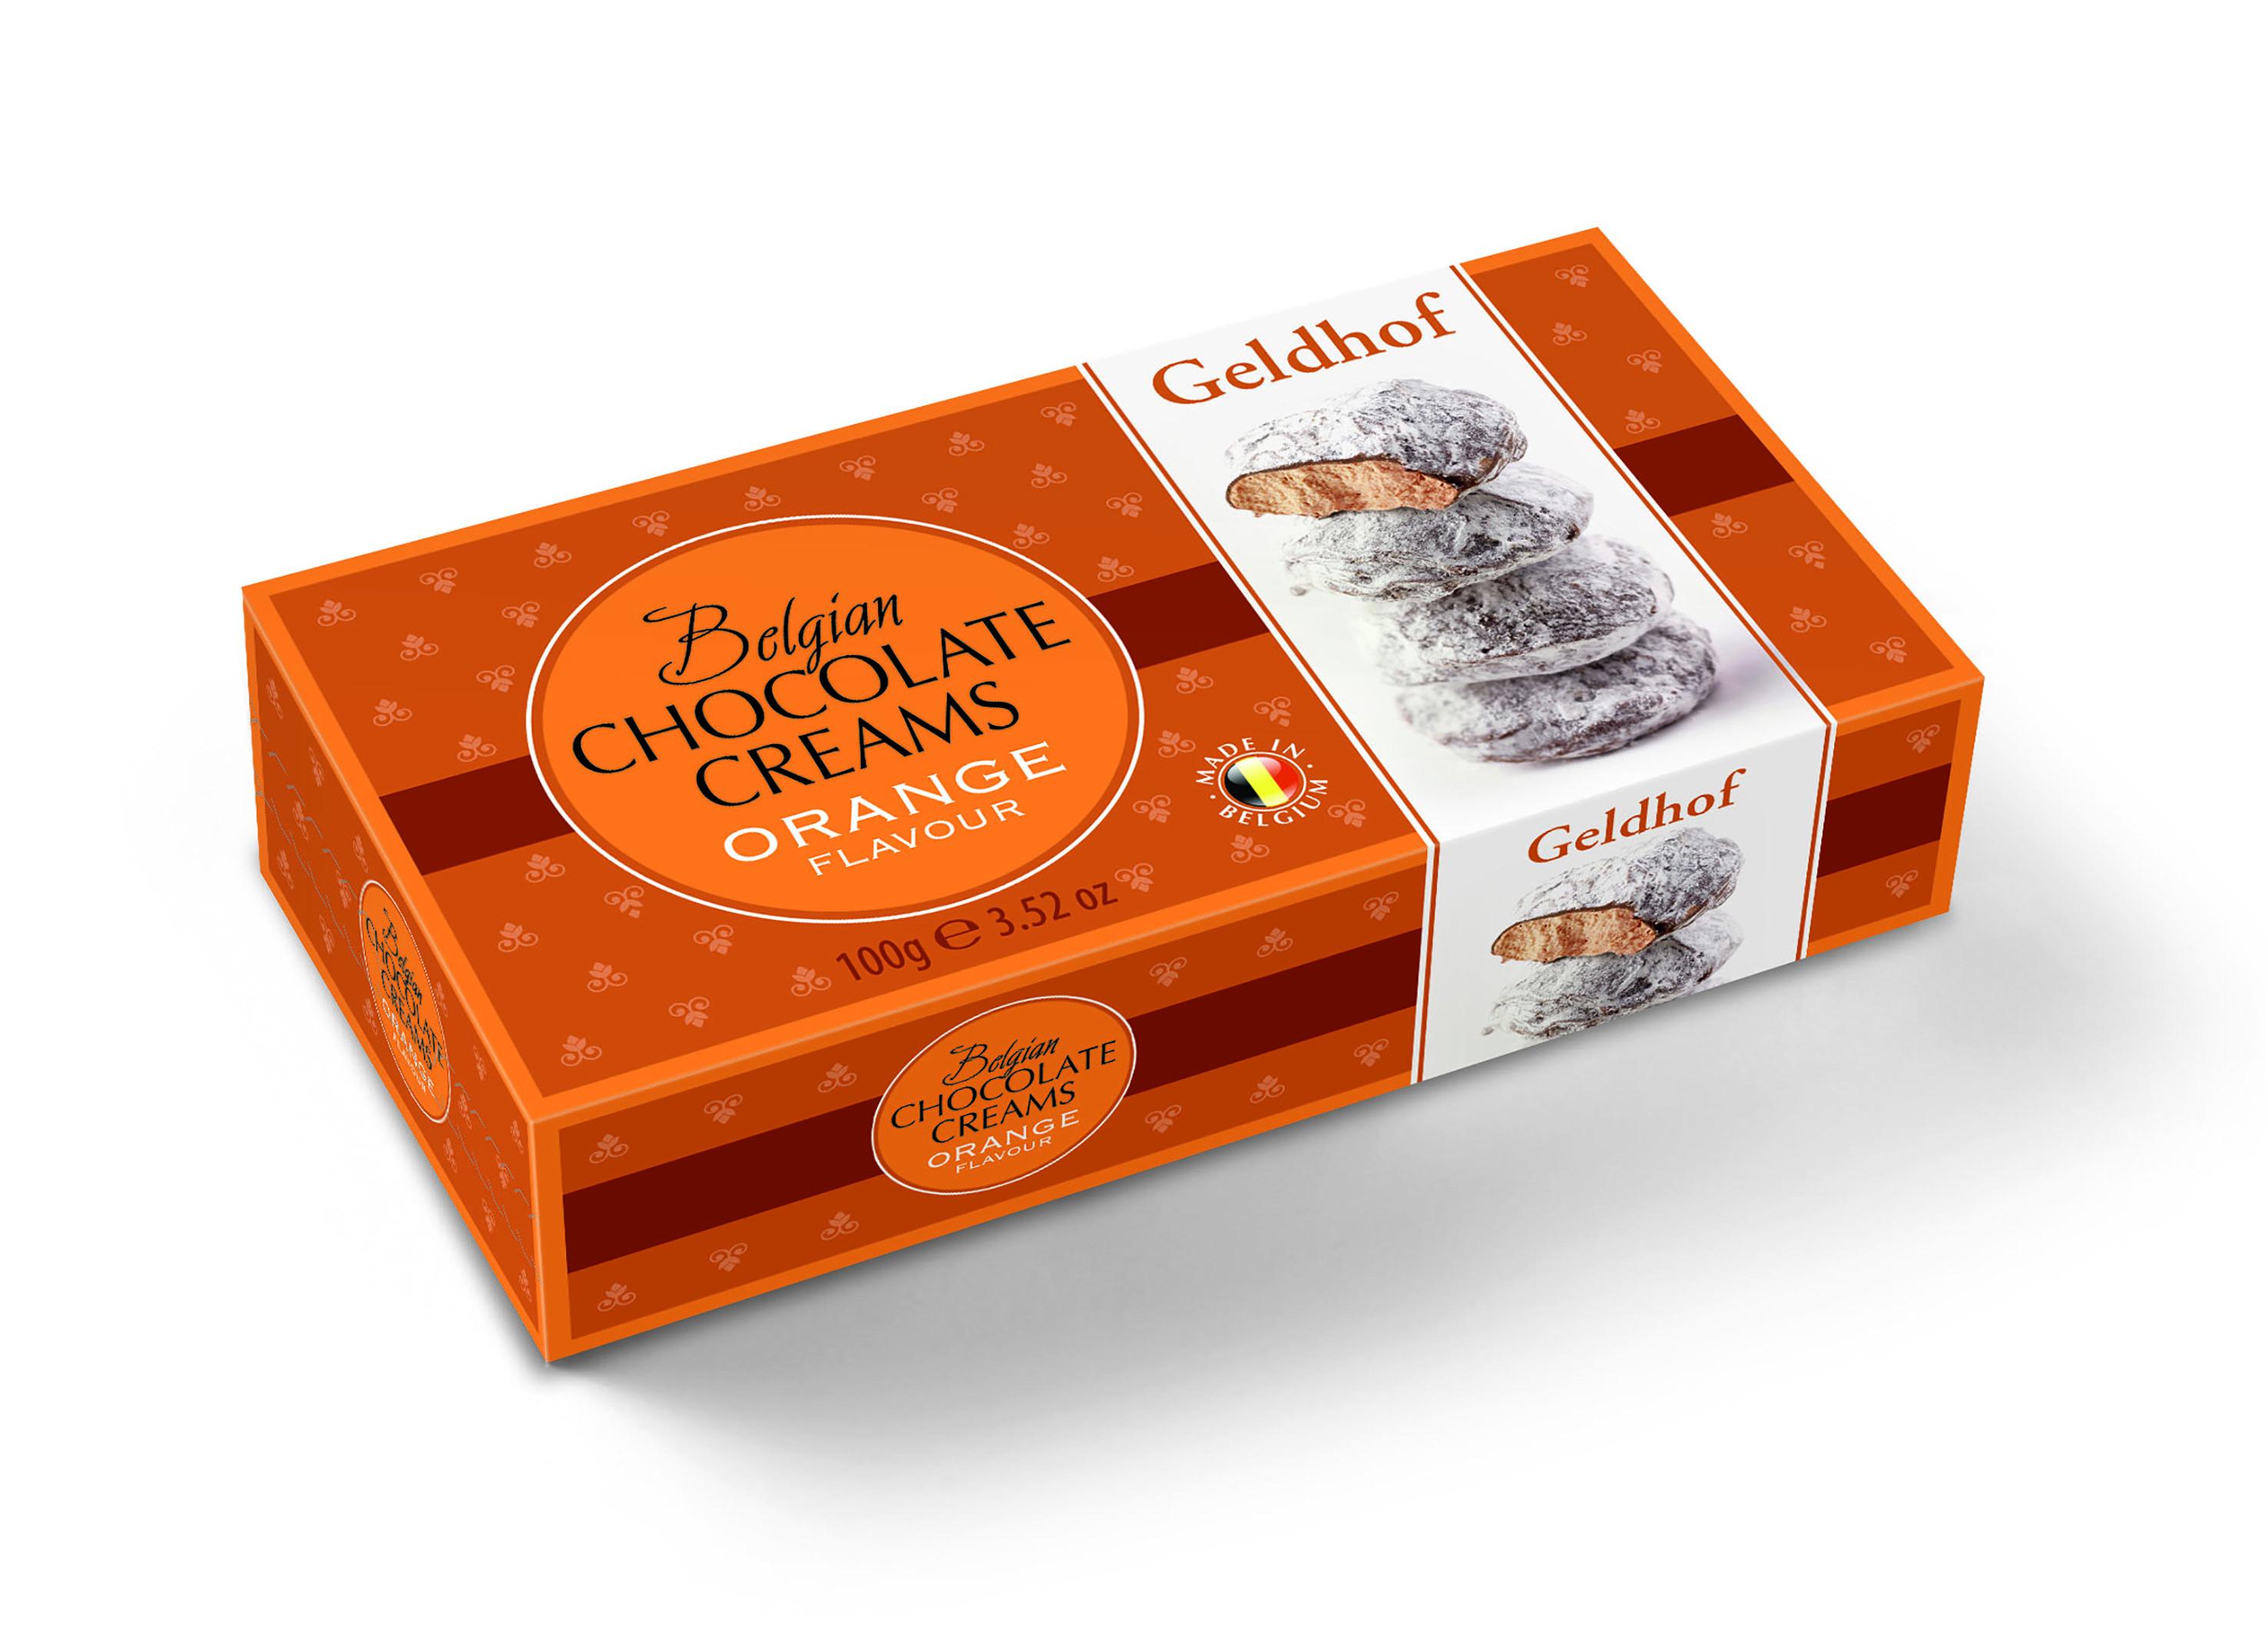 Суфле шоколадное со вкусом апельсина Geldhof